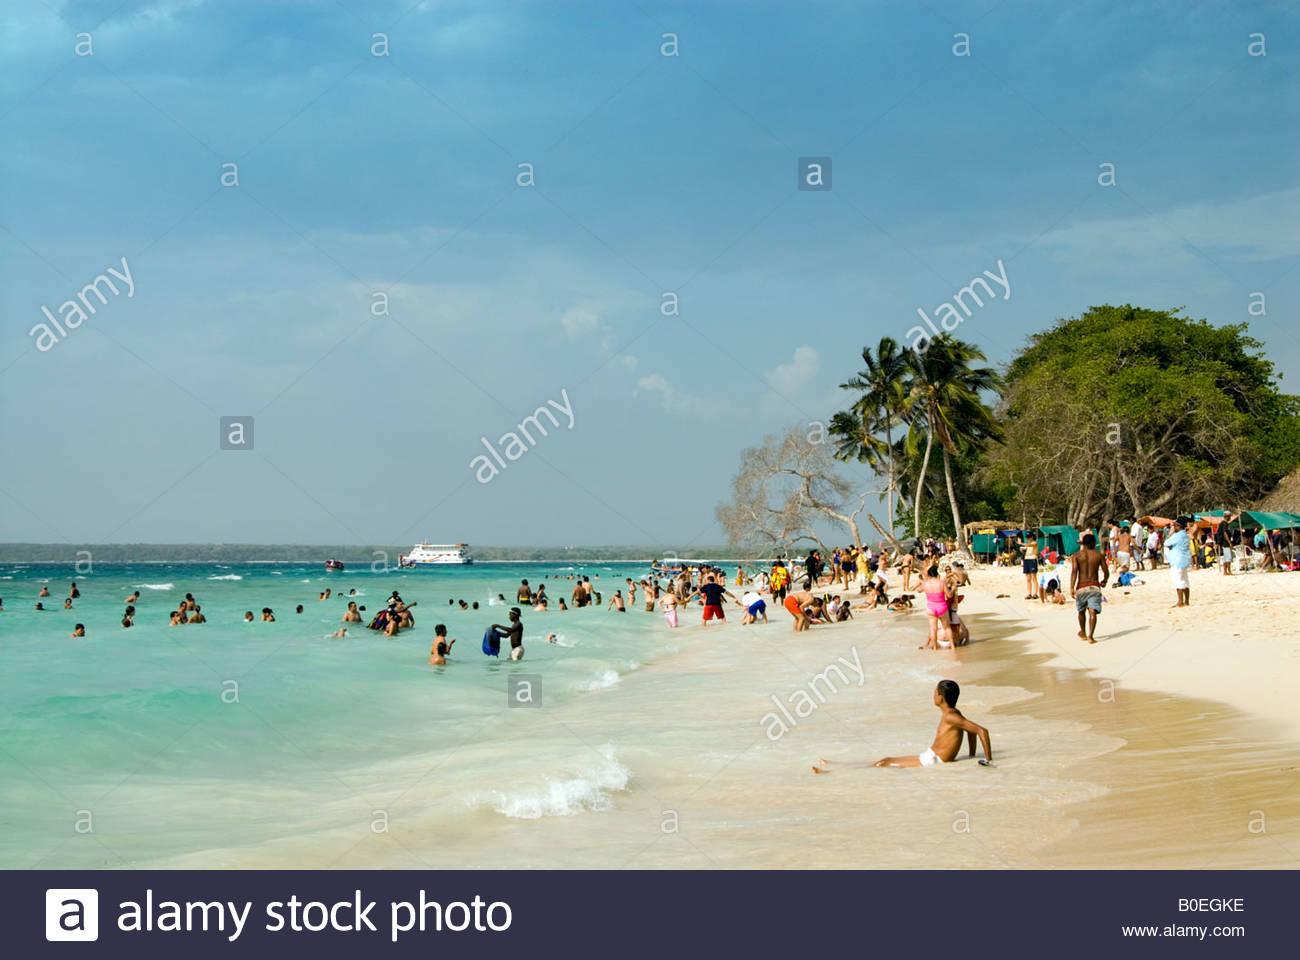 Playa Blanca en la Isla de Barú, Cartagena de Indias, Colombia Imagen De Stock